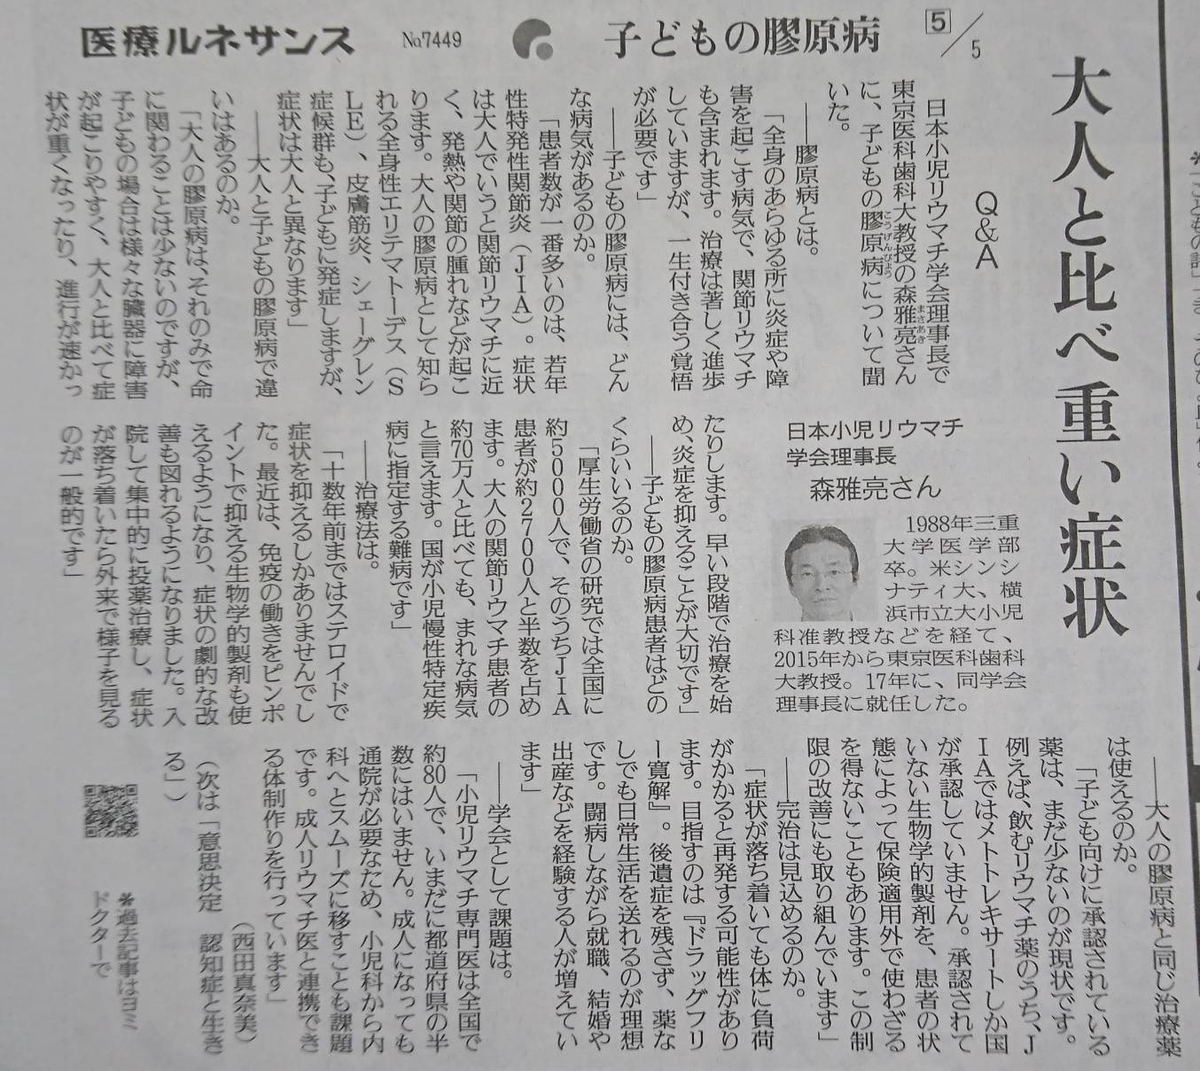 f:id:kazura-kobayashi:20210130122137j:plain